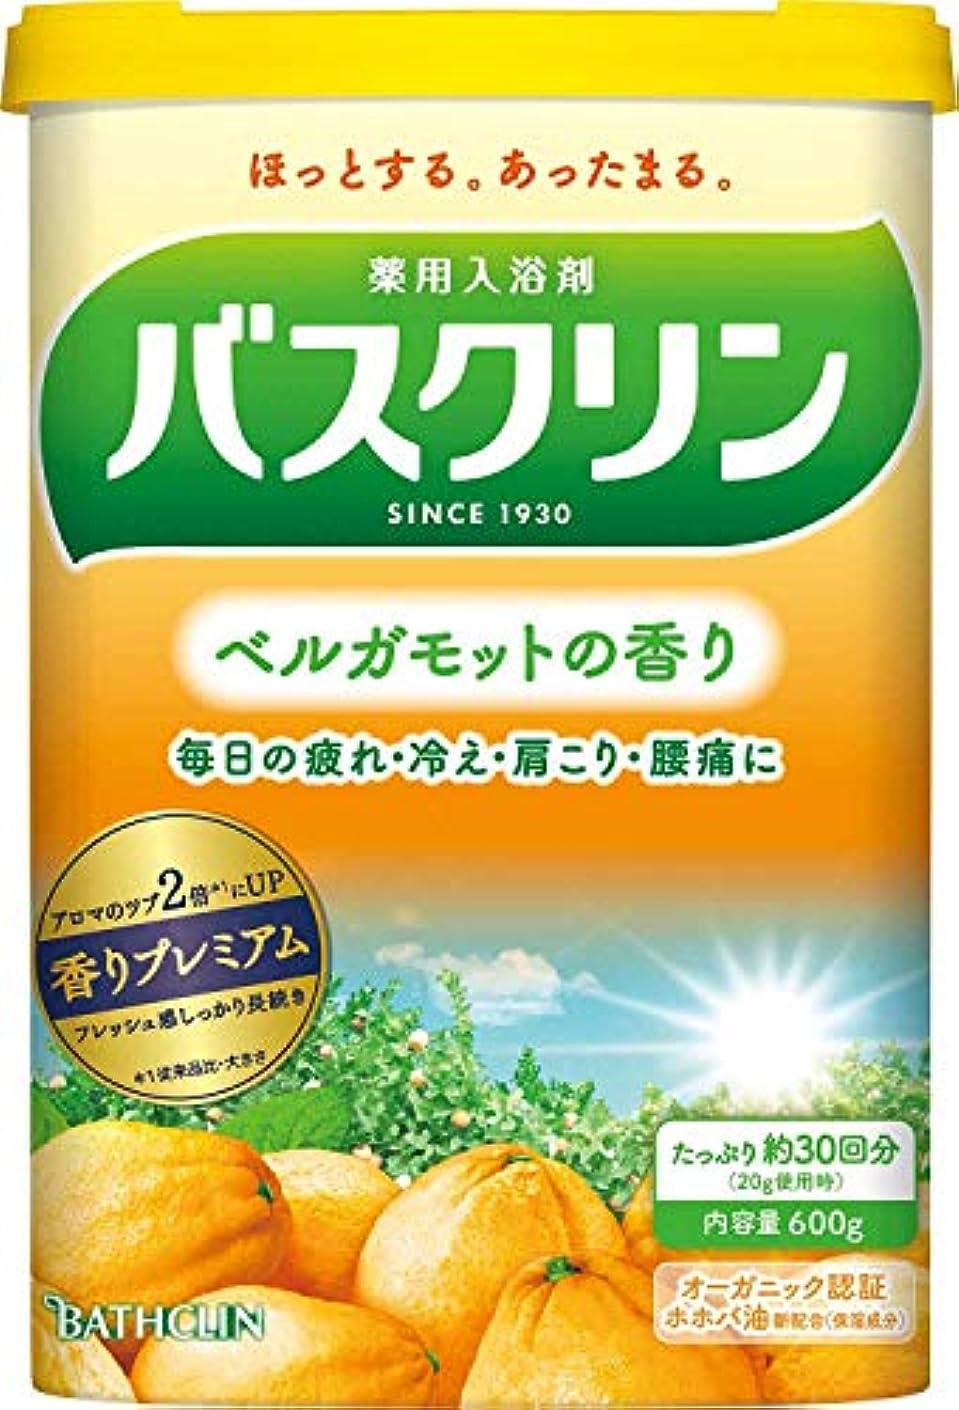 針無許可試用【医薬部外品】バスクリン入浴剤 ベルガモットの香り600g(約30回分) 疲労回復